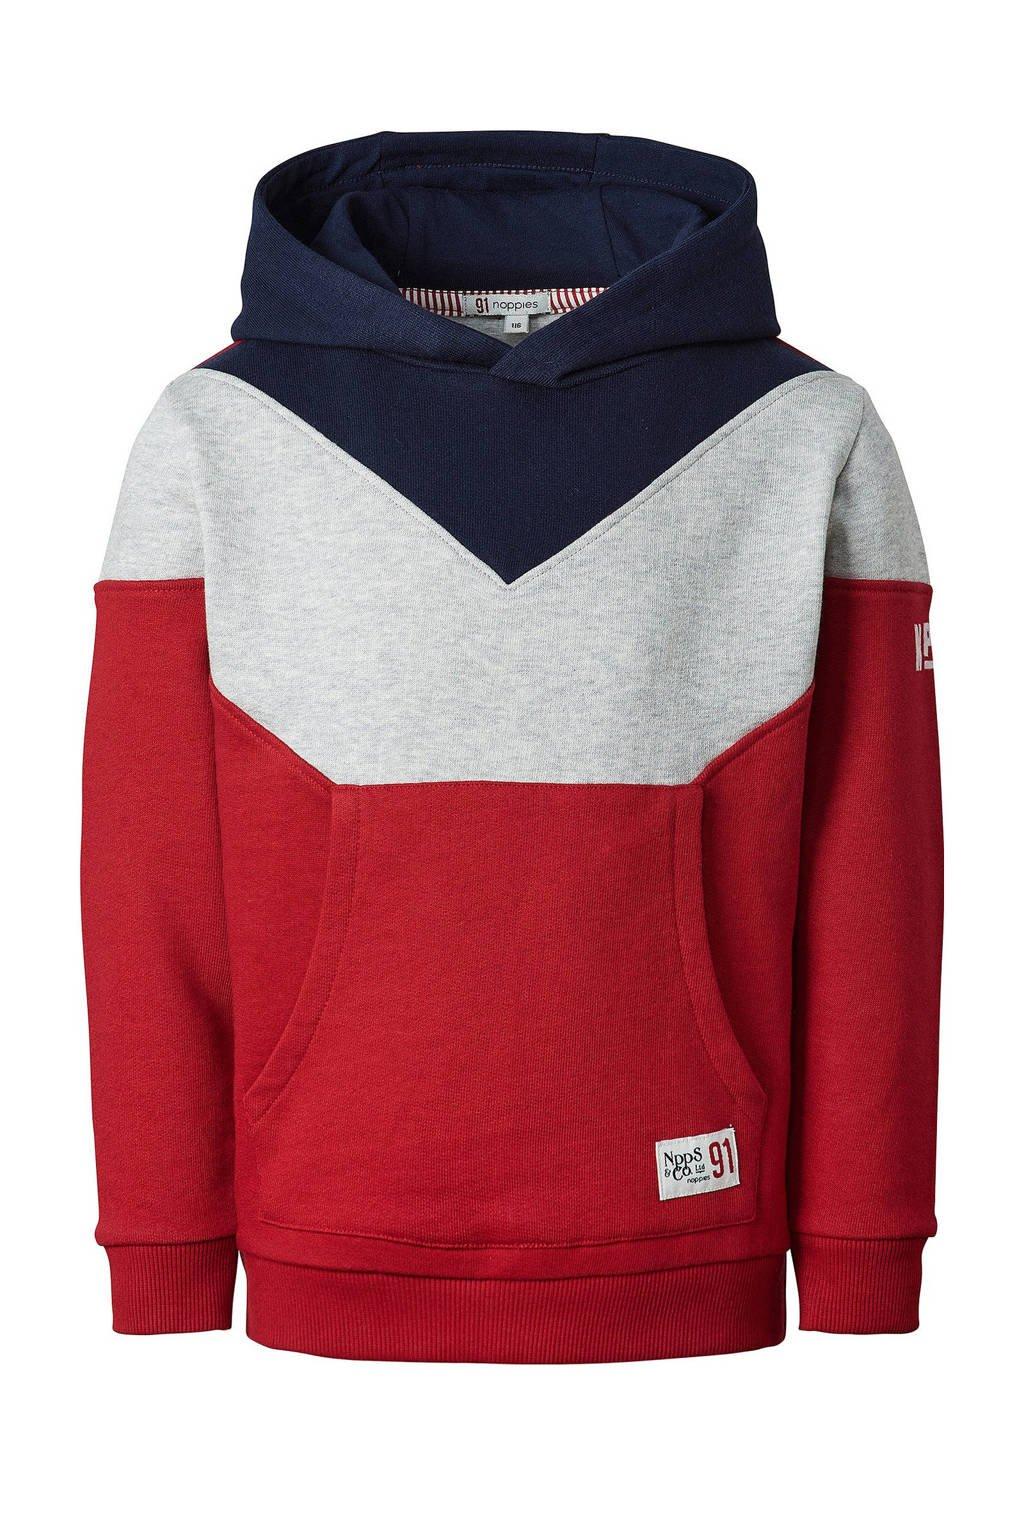 Noppies hoodie Greytown rood/donkerblauw, Rood/donkerblauw